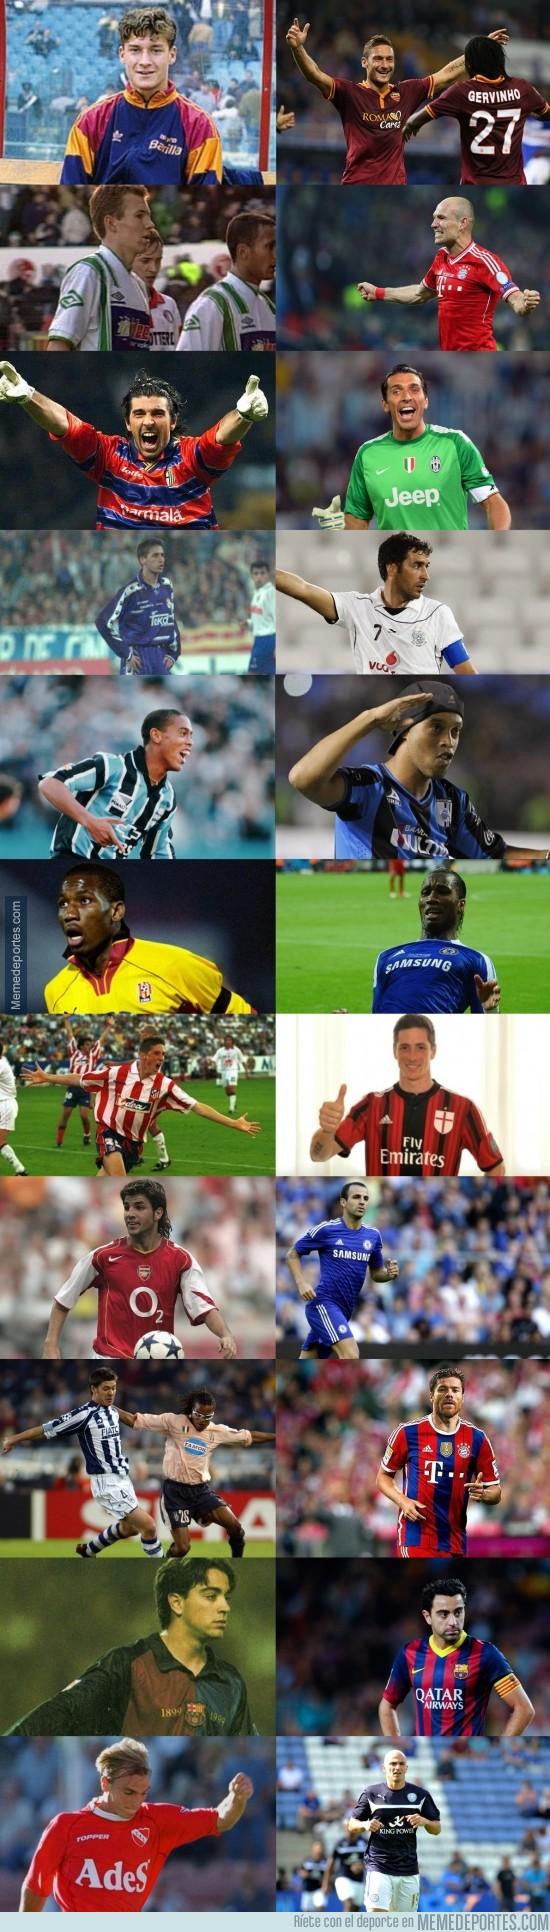 391799 - Del debut hasta hoy de algunos de los mejores futbolistas [Parte 2]